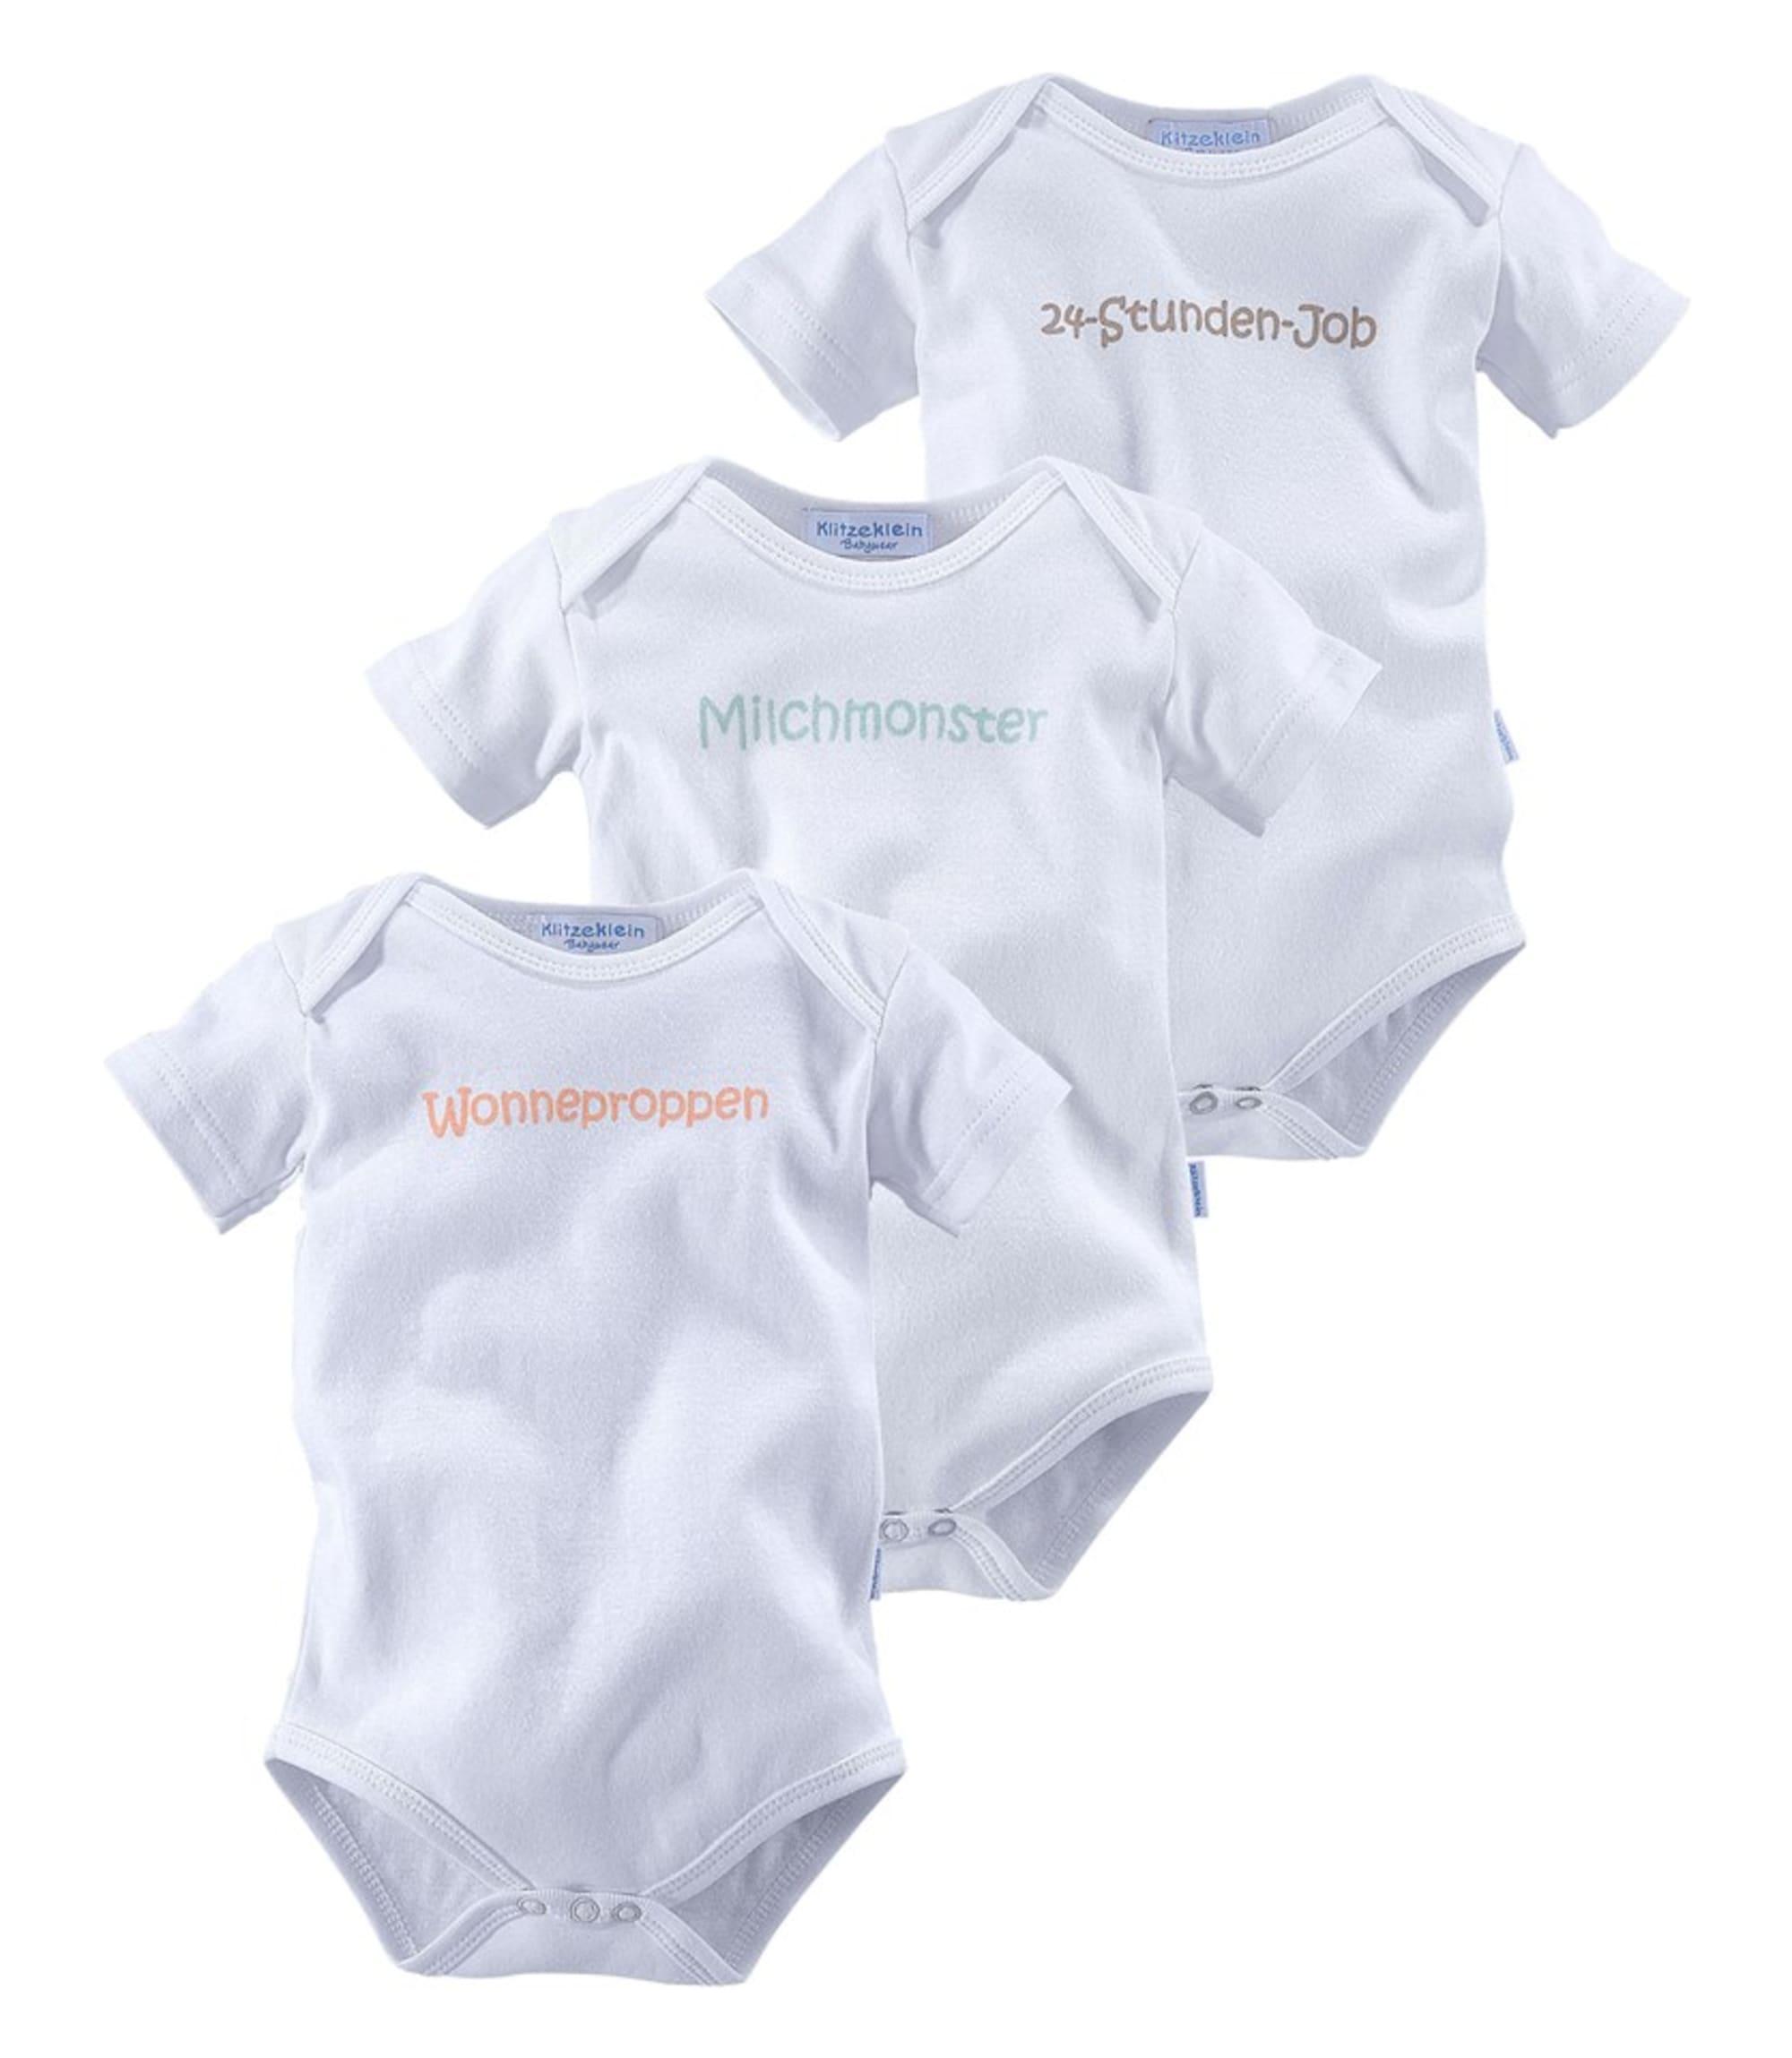 Image of Bodys (Packung, 3 Stück) für Babys